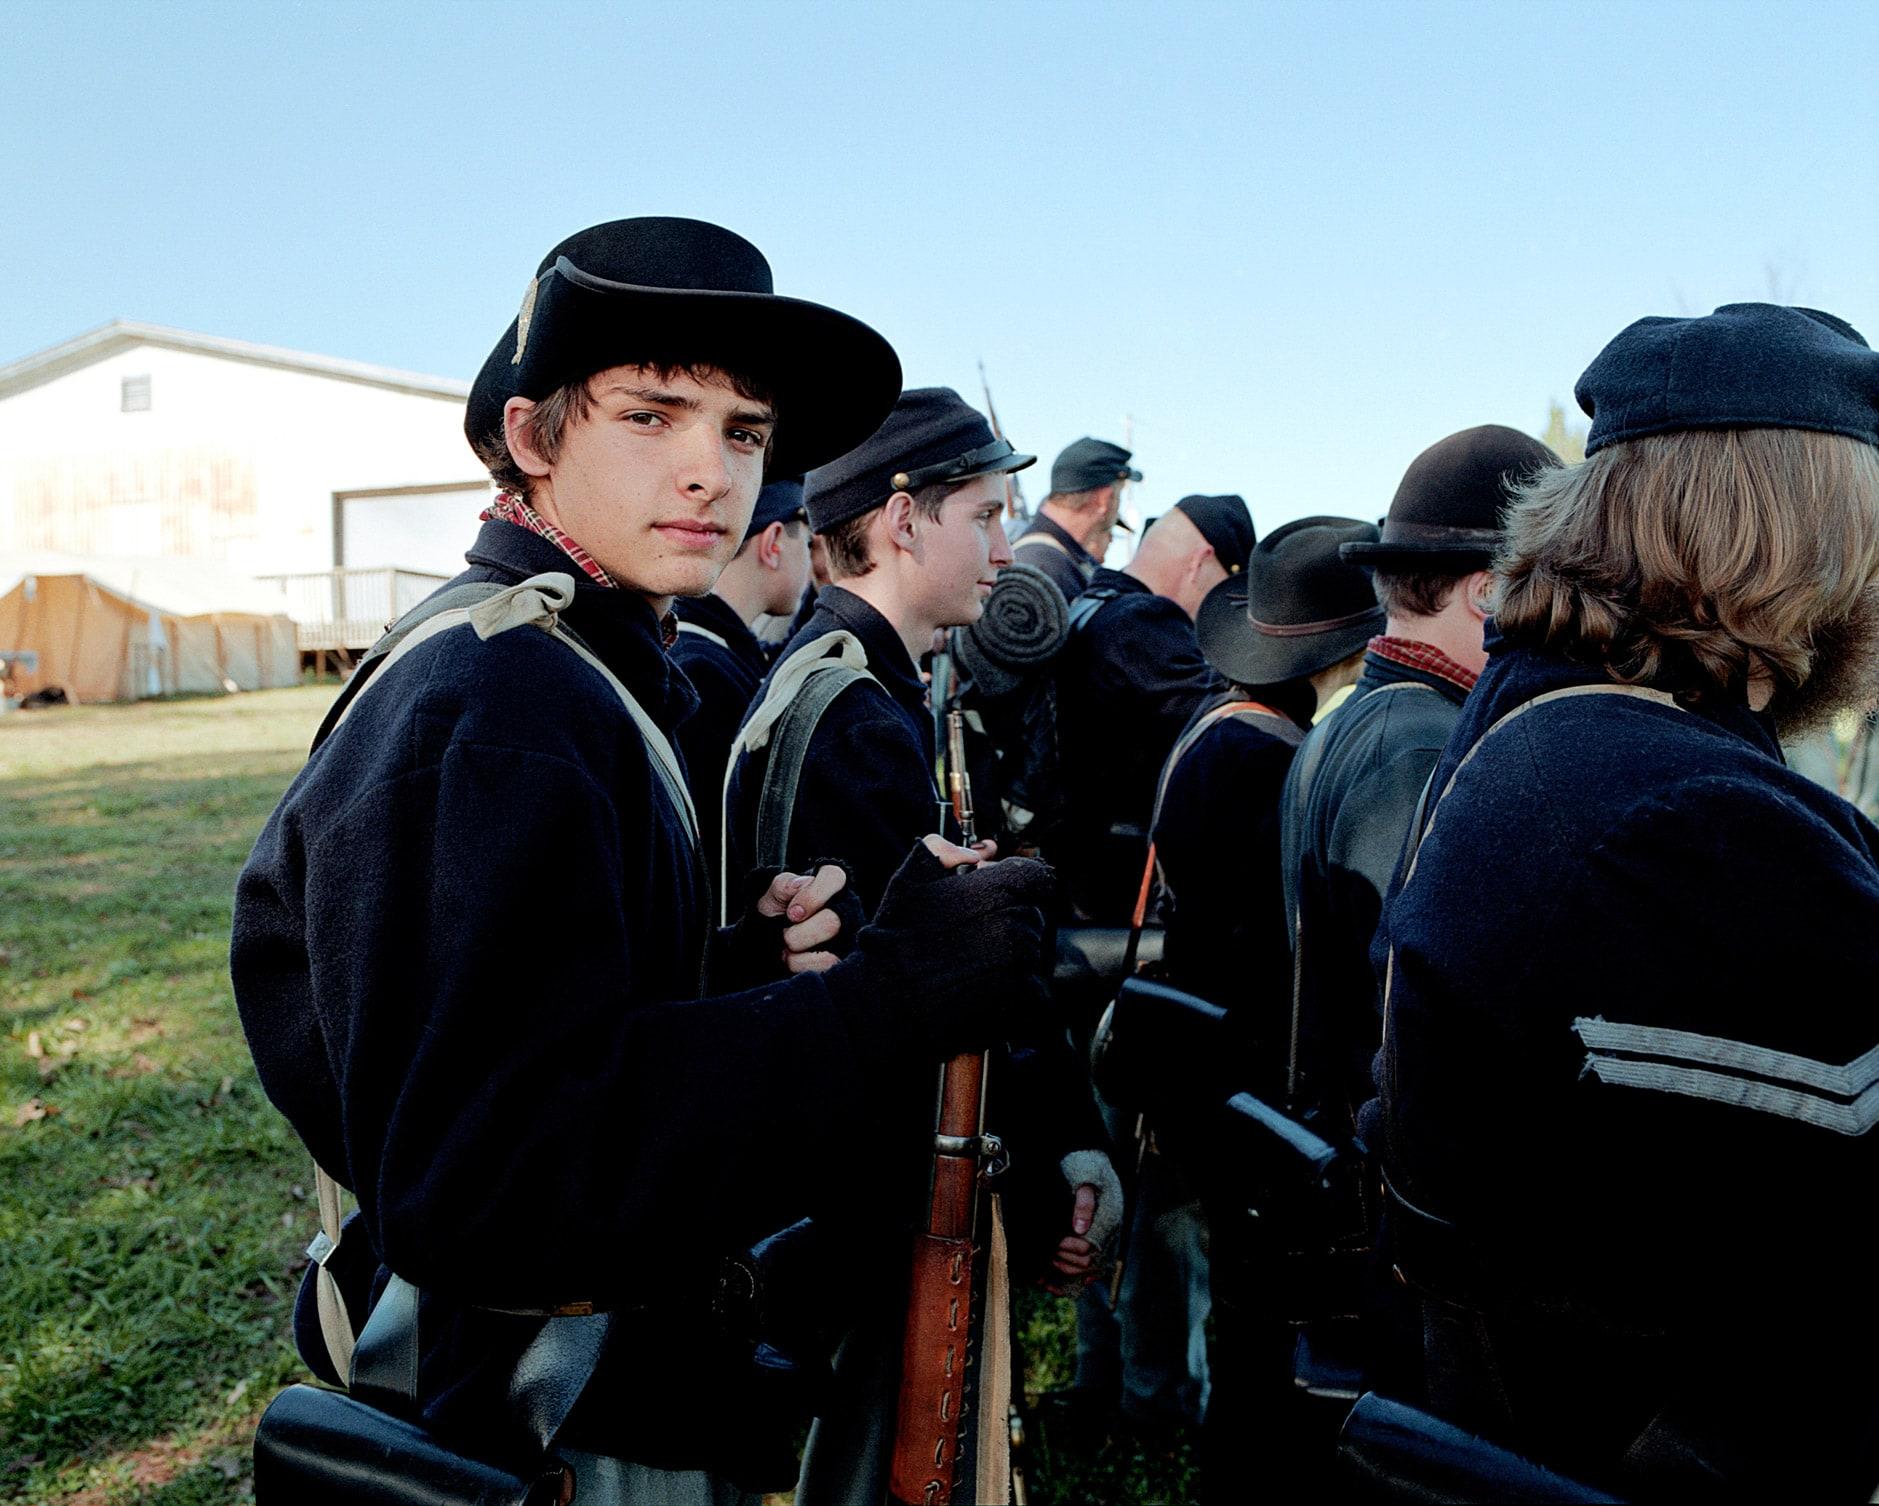 ConfederateSoldier